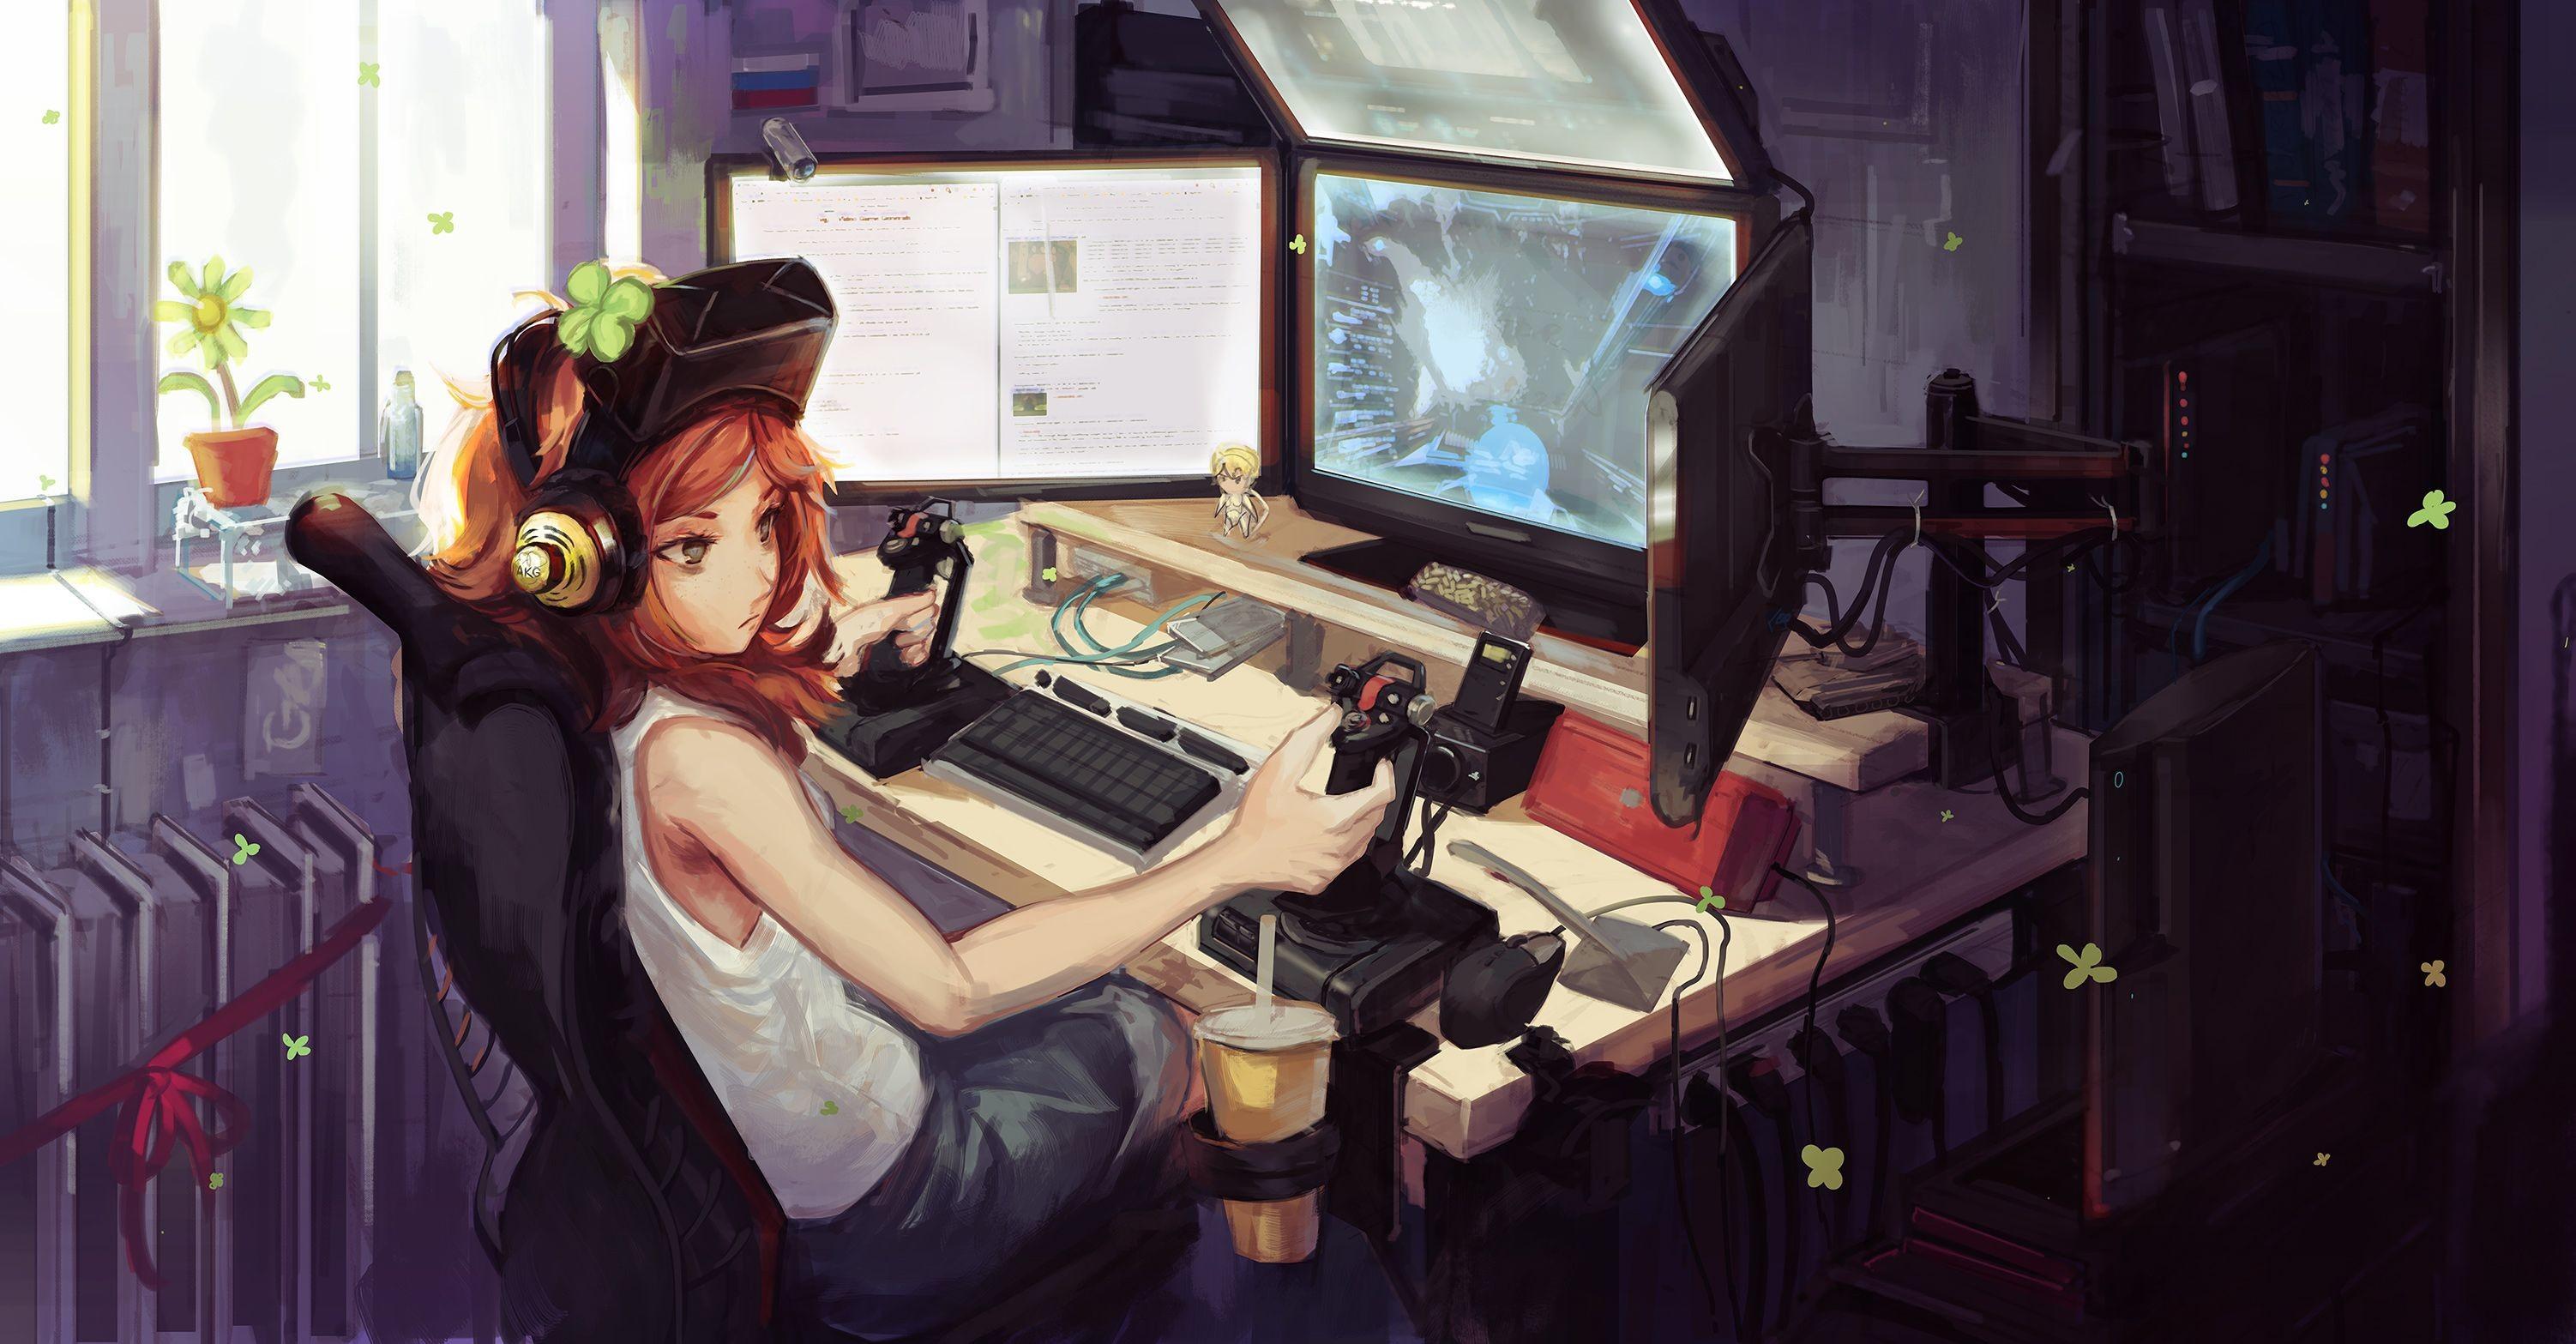 Res: 3004x1567, Gamer Girl wallpaper